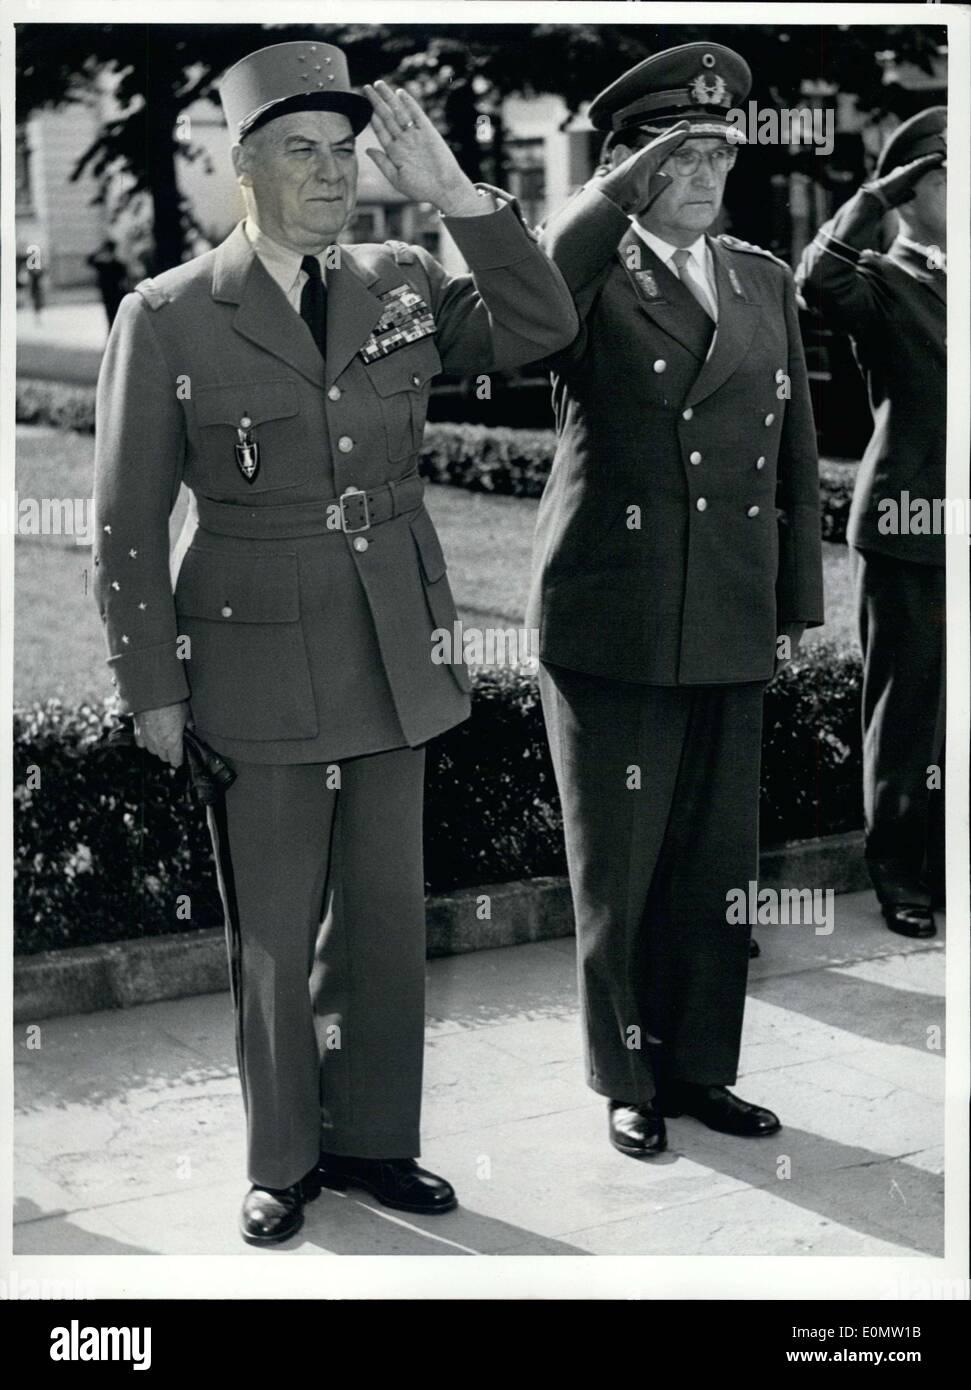 Juillet 06, 1956 - Français général de l'OTAN Juin est arrivé à Bonn pour une visite d'adieu, réunion avec le président fédéral M. Heuss et parlant dans le ministère de la défense. Au lieu d'une garde d'honneur militaire habituelle, les deux hymnes nationaux, de l'Allemagne(Deutschlandlied) et la France (Marseillaise) ont été joués. On voit ici le maréchal Juin et le général Speidel saluant pendant les hymnes nationaux. Photo Stock